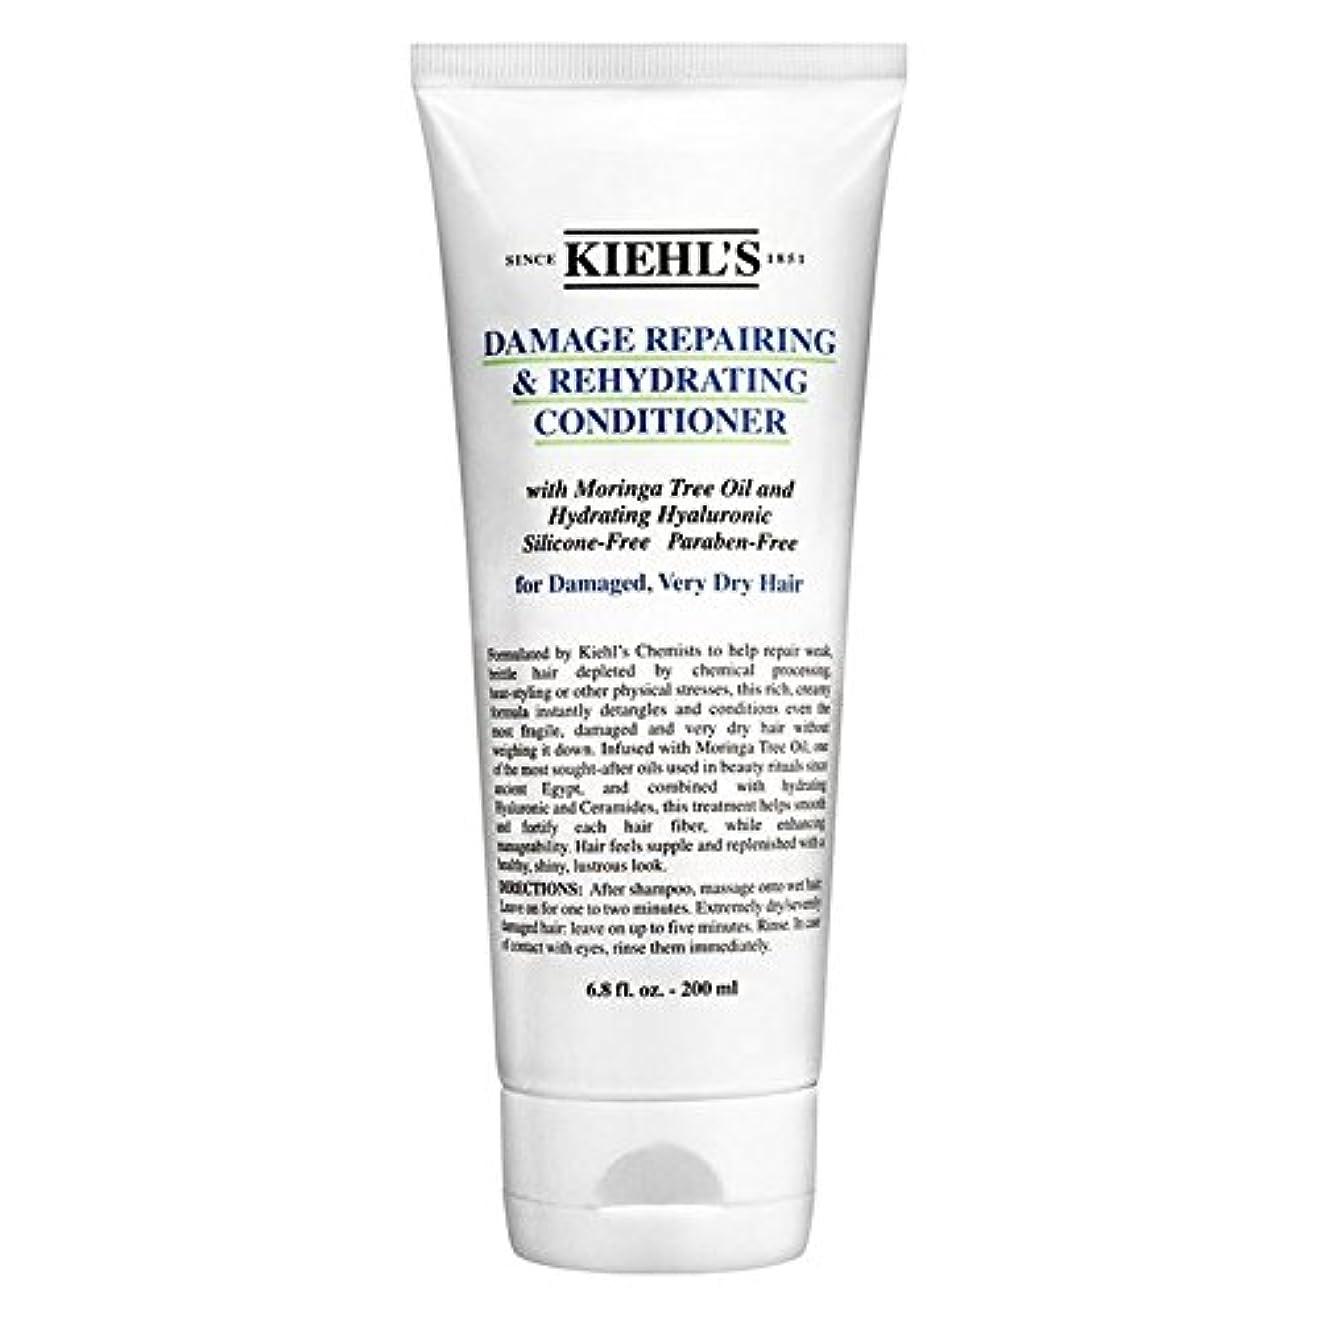 貫通する中世の段落[Kiehl's ] キールズダメージ修復&コンディショナー200Mlを再水和 - Kiehl's Damage Repairing & Rehydrating Conditioner 200ml [並行輸入品]